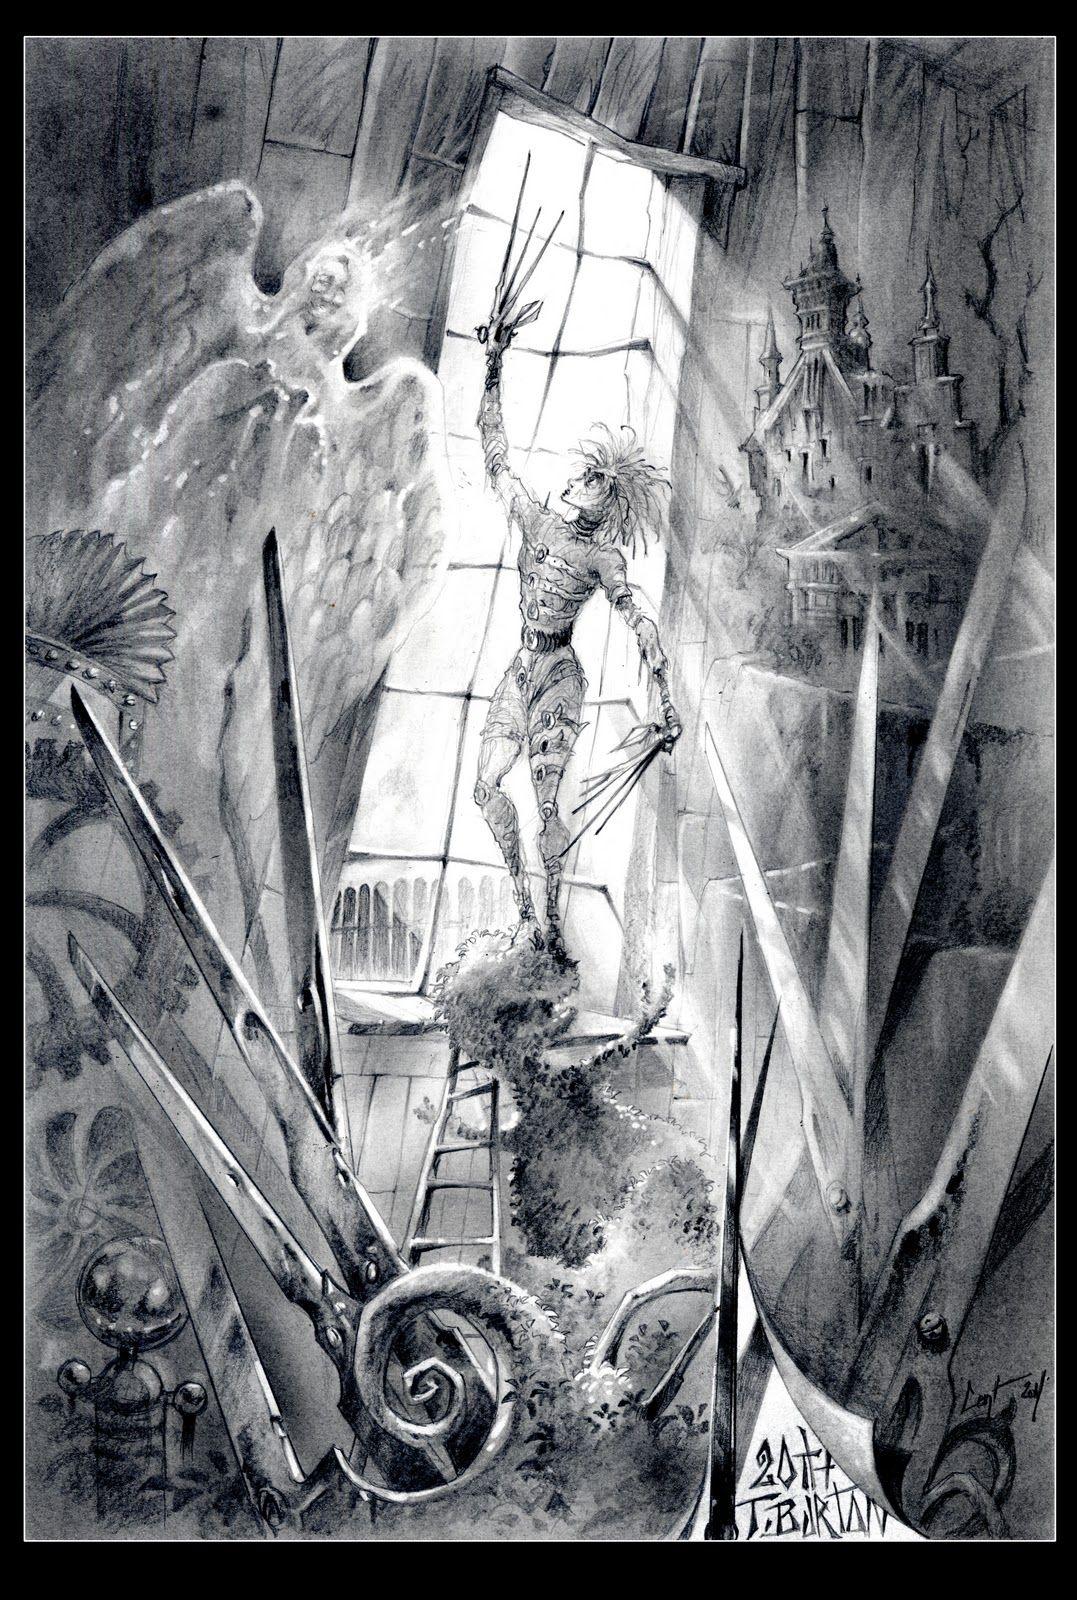 Edward Scissorhands artwork.